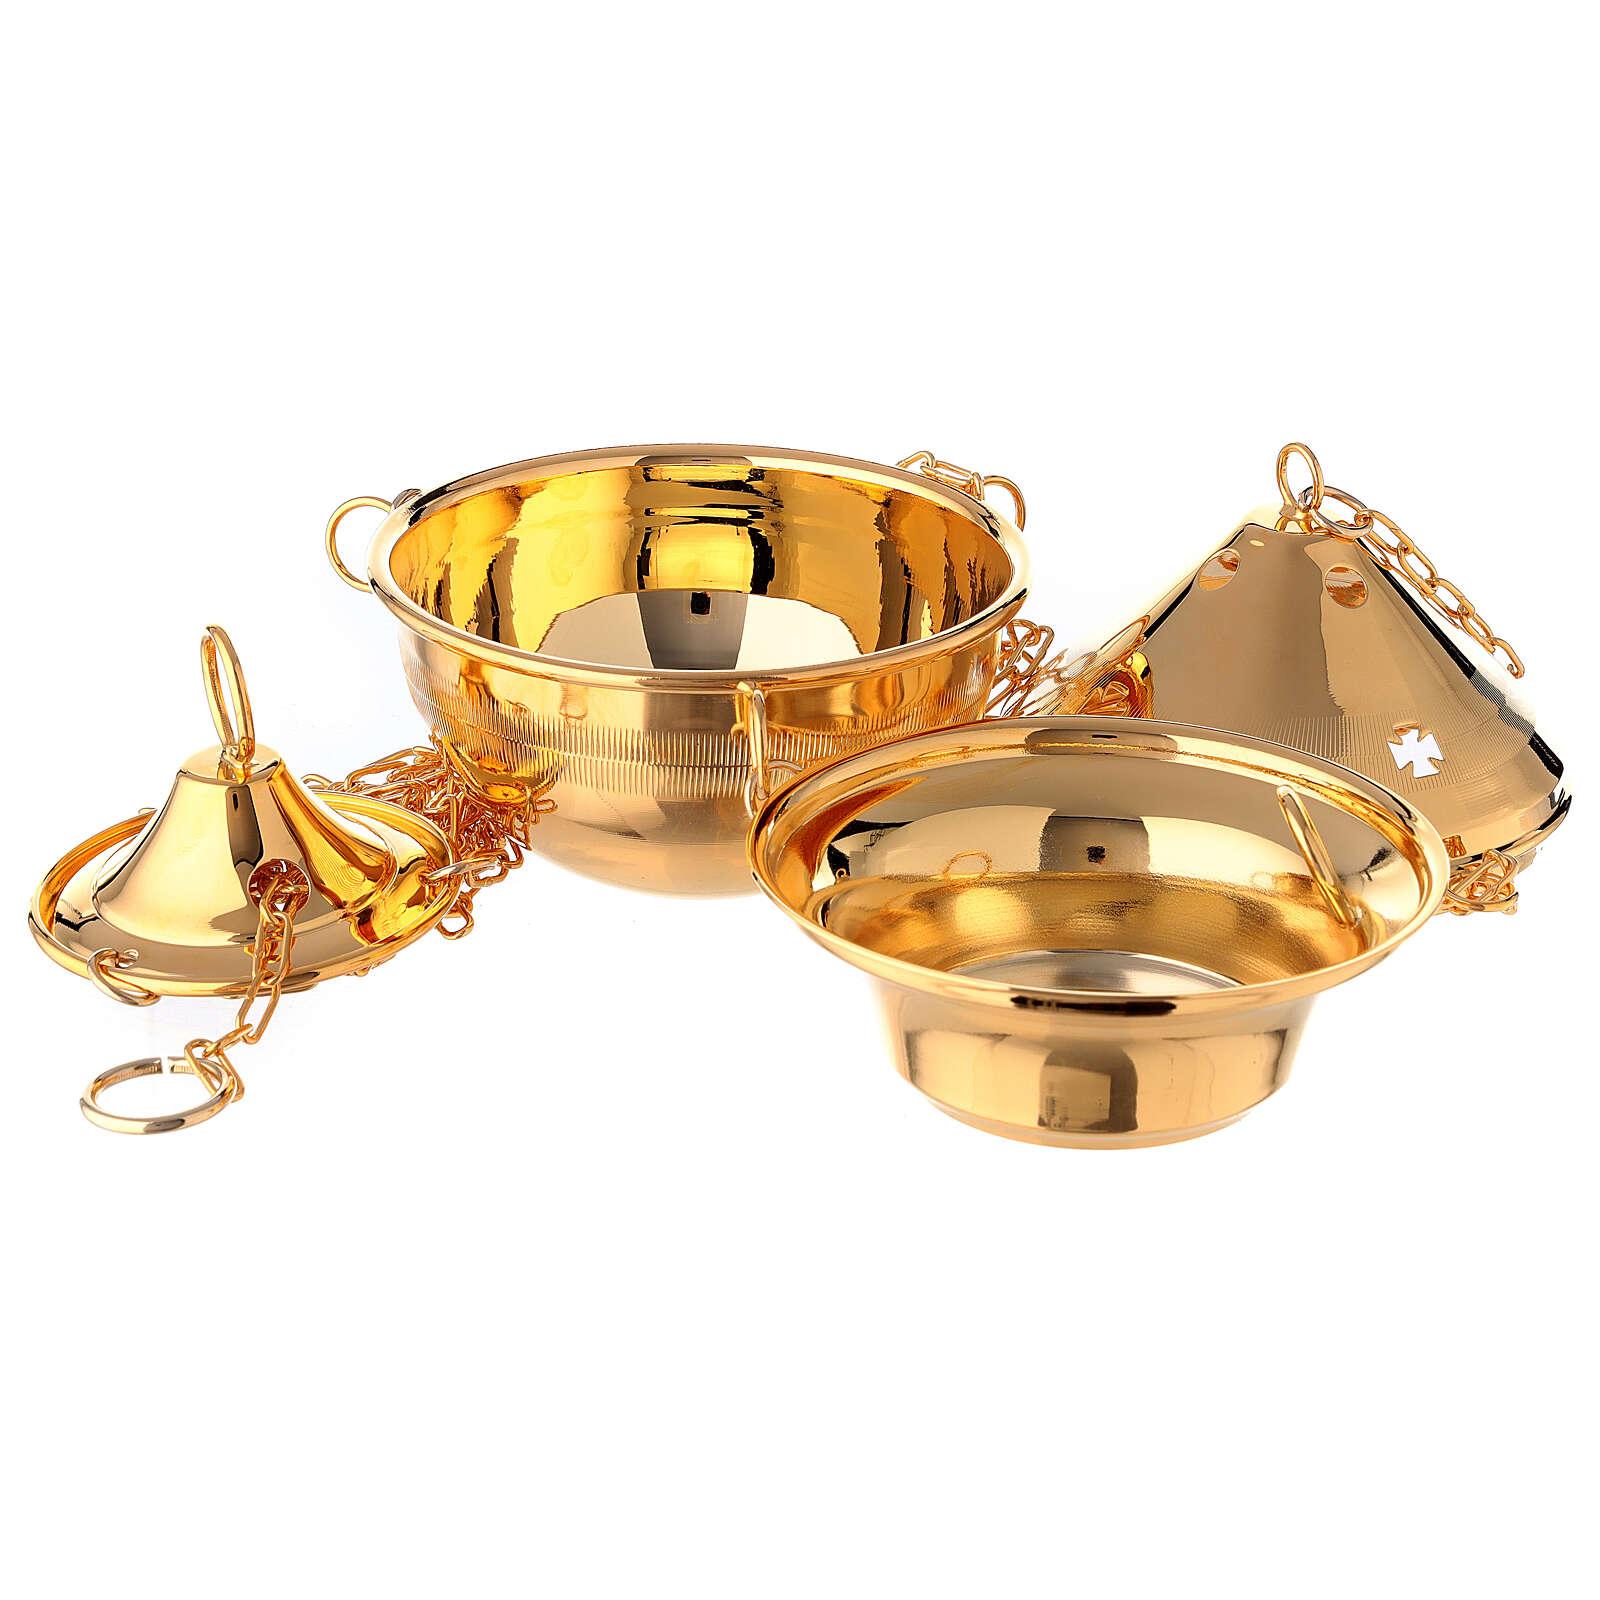 Turibolo in ottone dorato con navicella per incenso 3